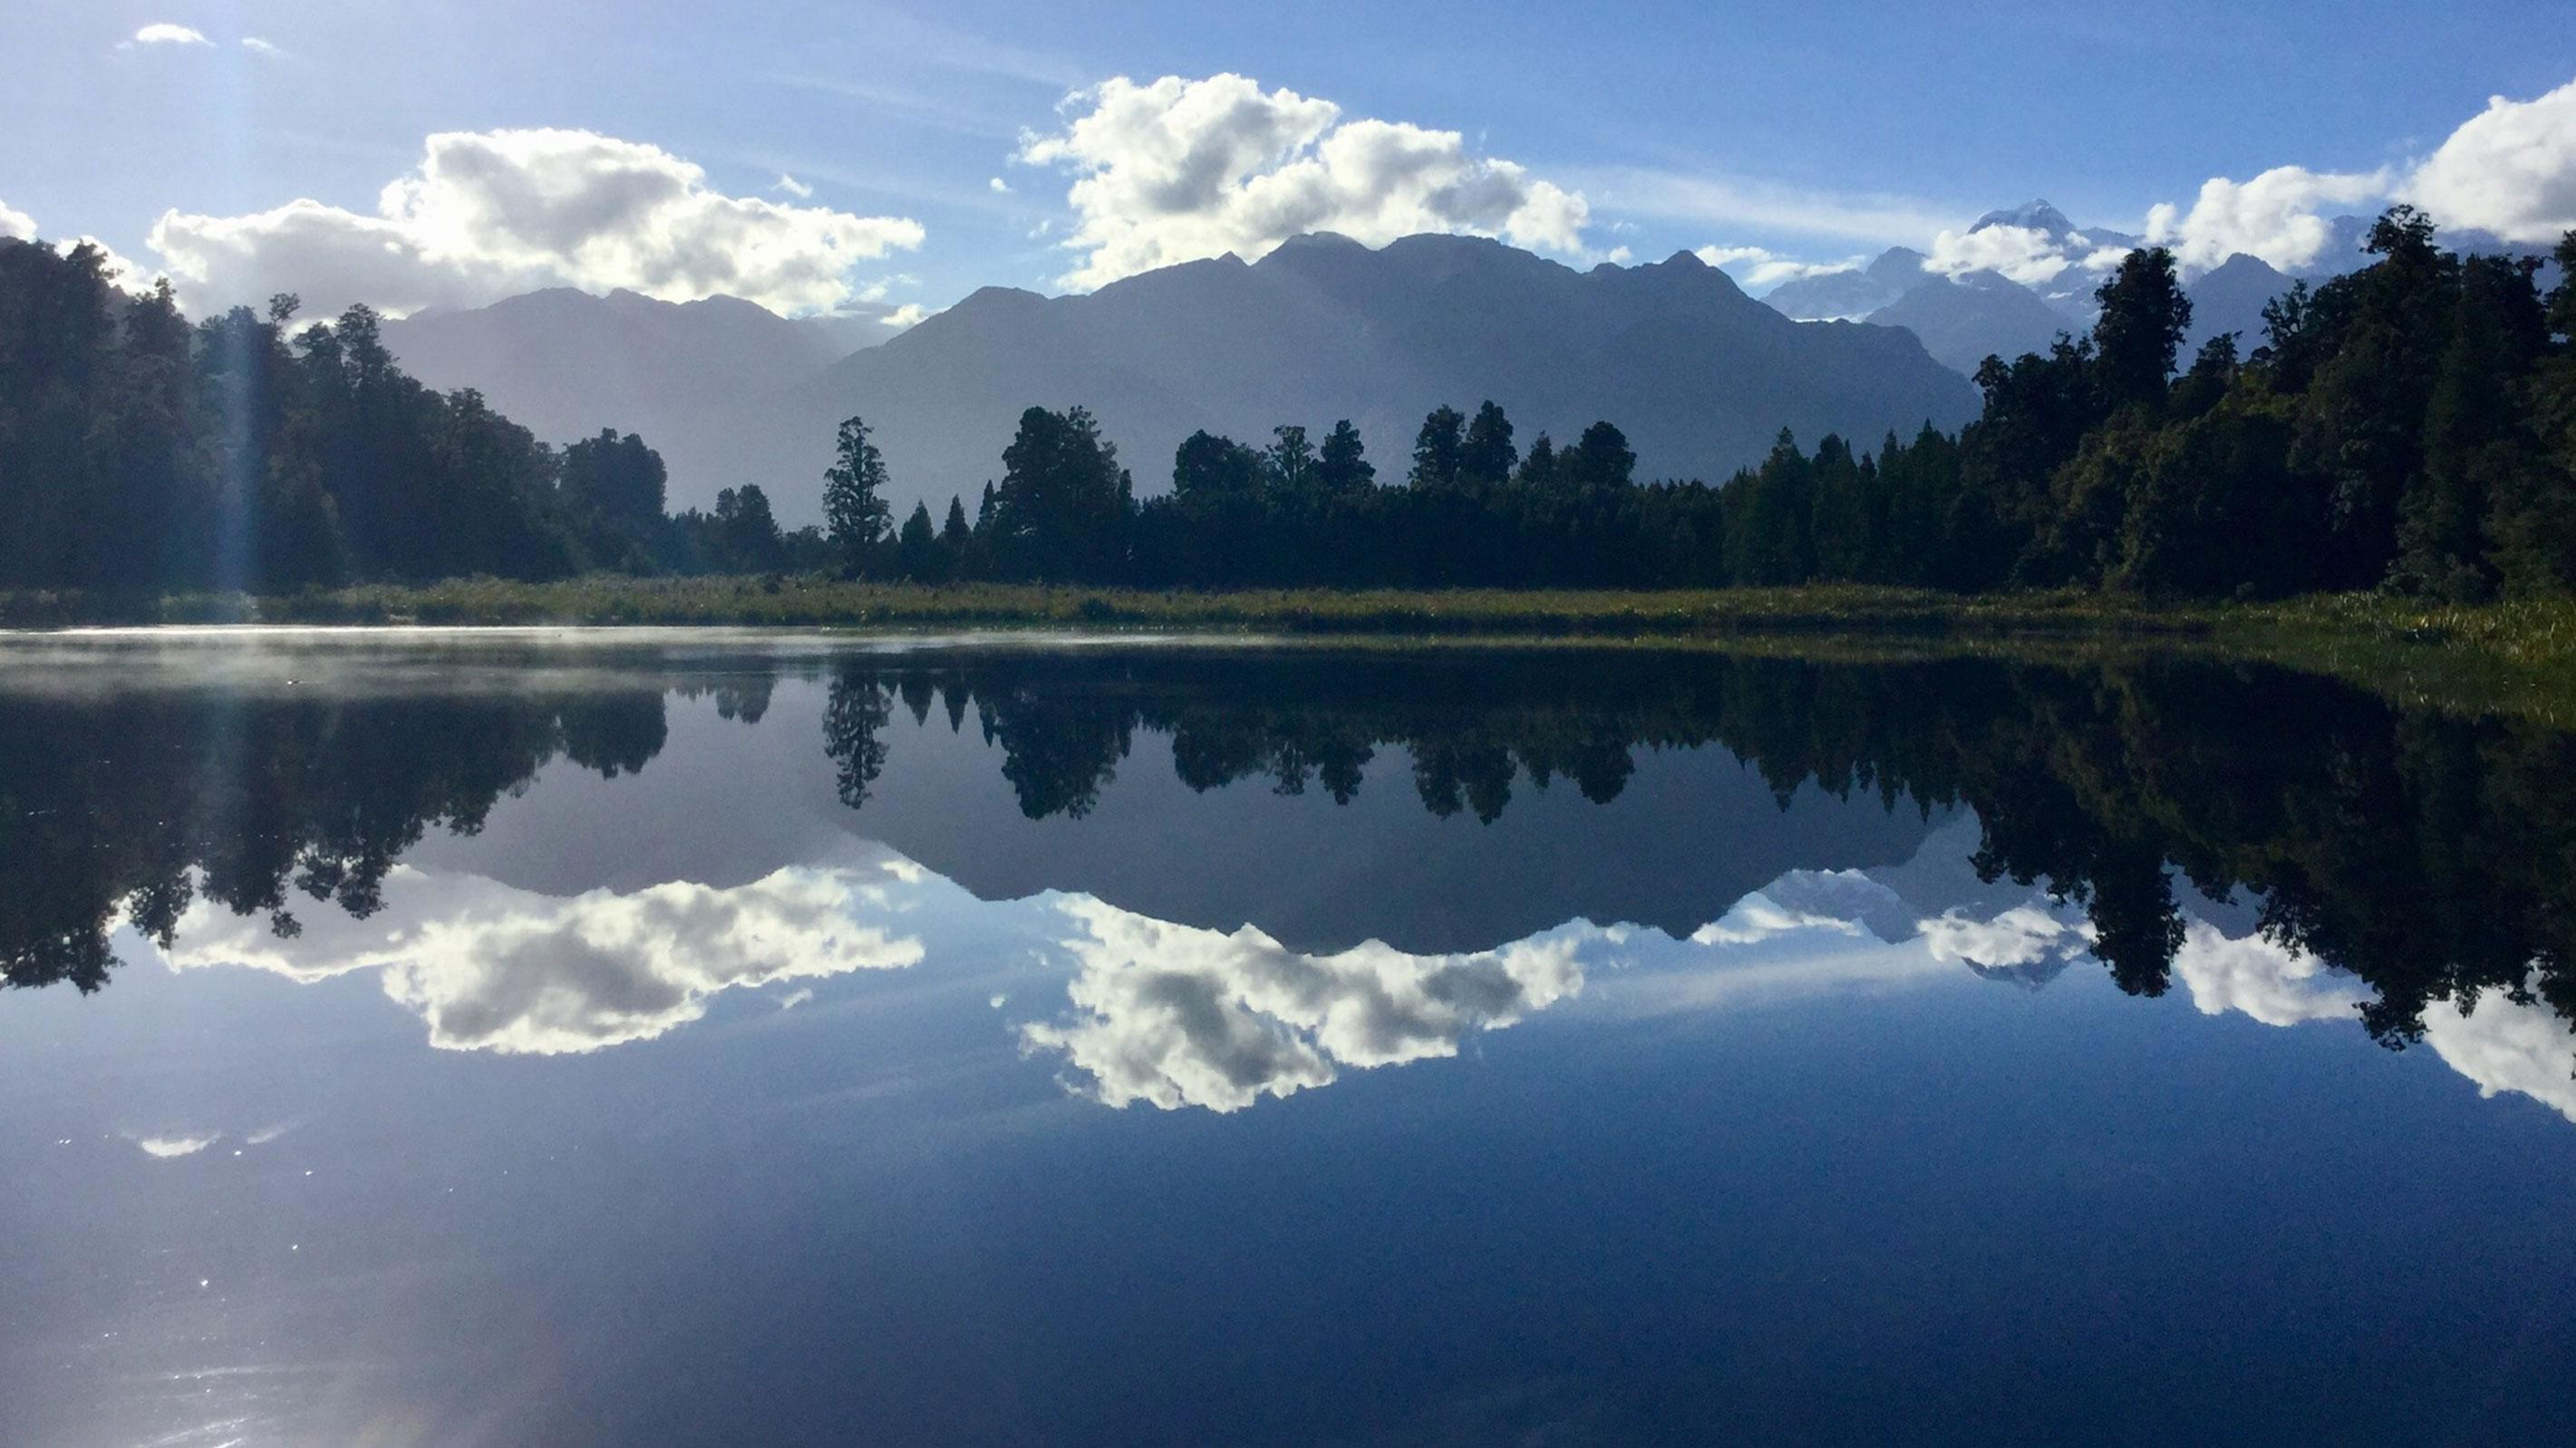 Spiegelung des Mount Cook auf dem Lake Matheson auf Neuseelands Südinsel